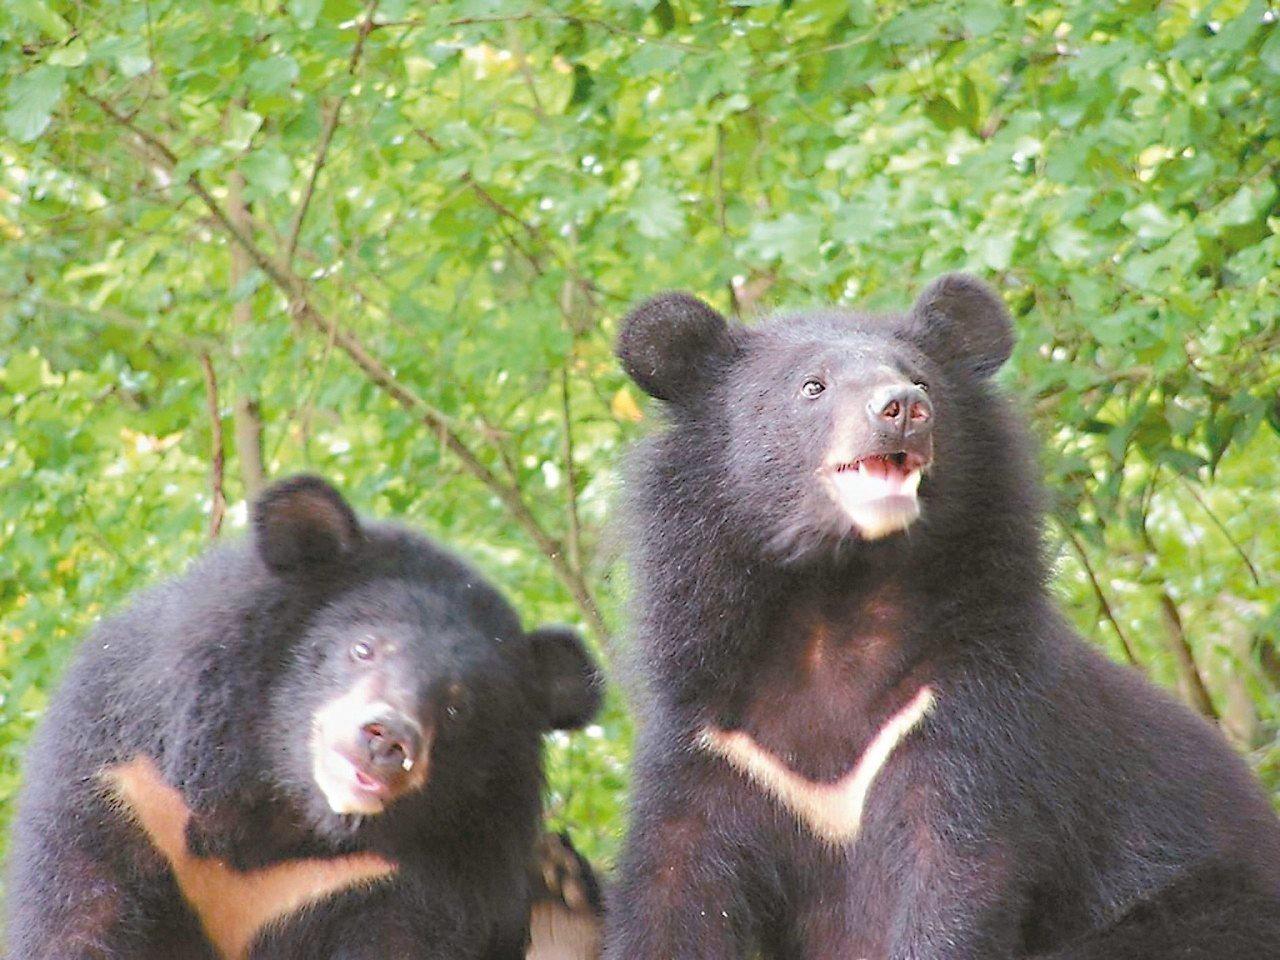 台灣黑熊在玉山塔塔加覓食。 圖/玉管處提供